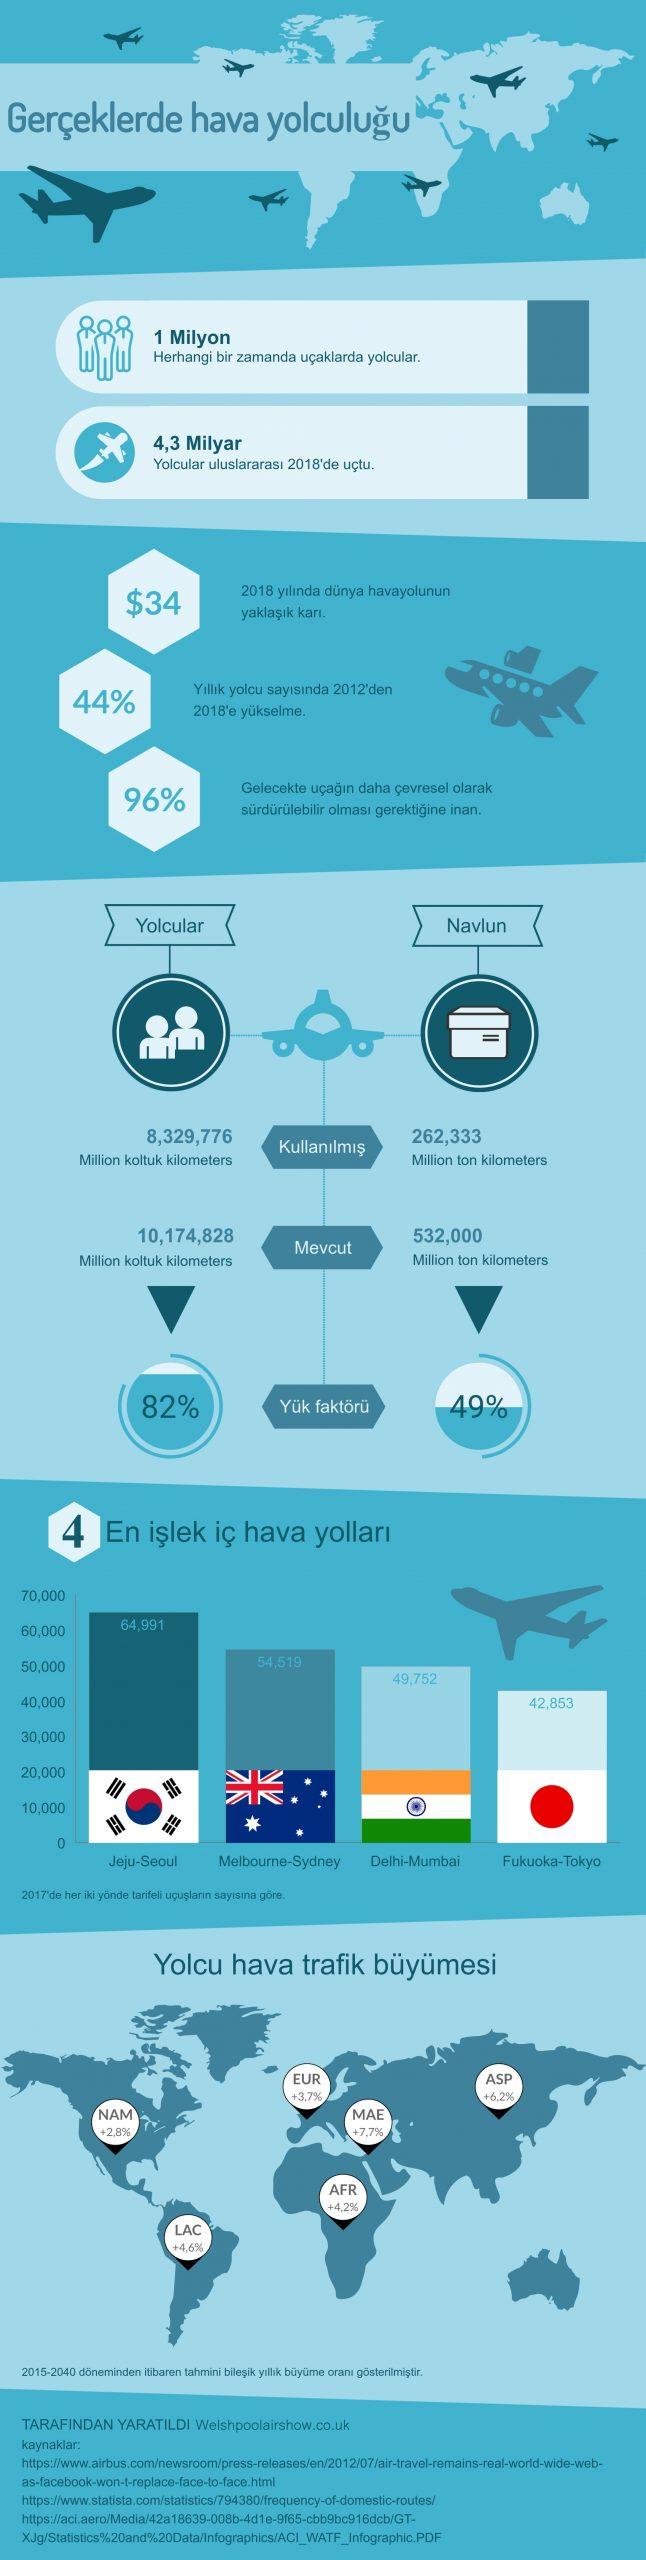 Gerceklerde hava yolculugu infografik